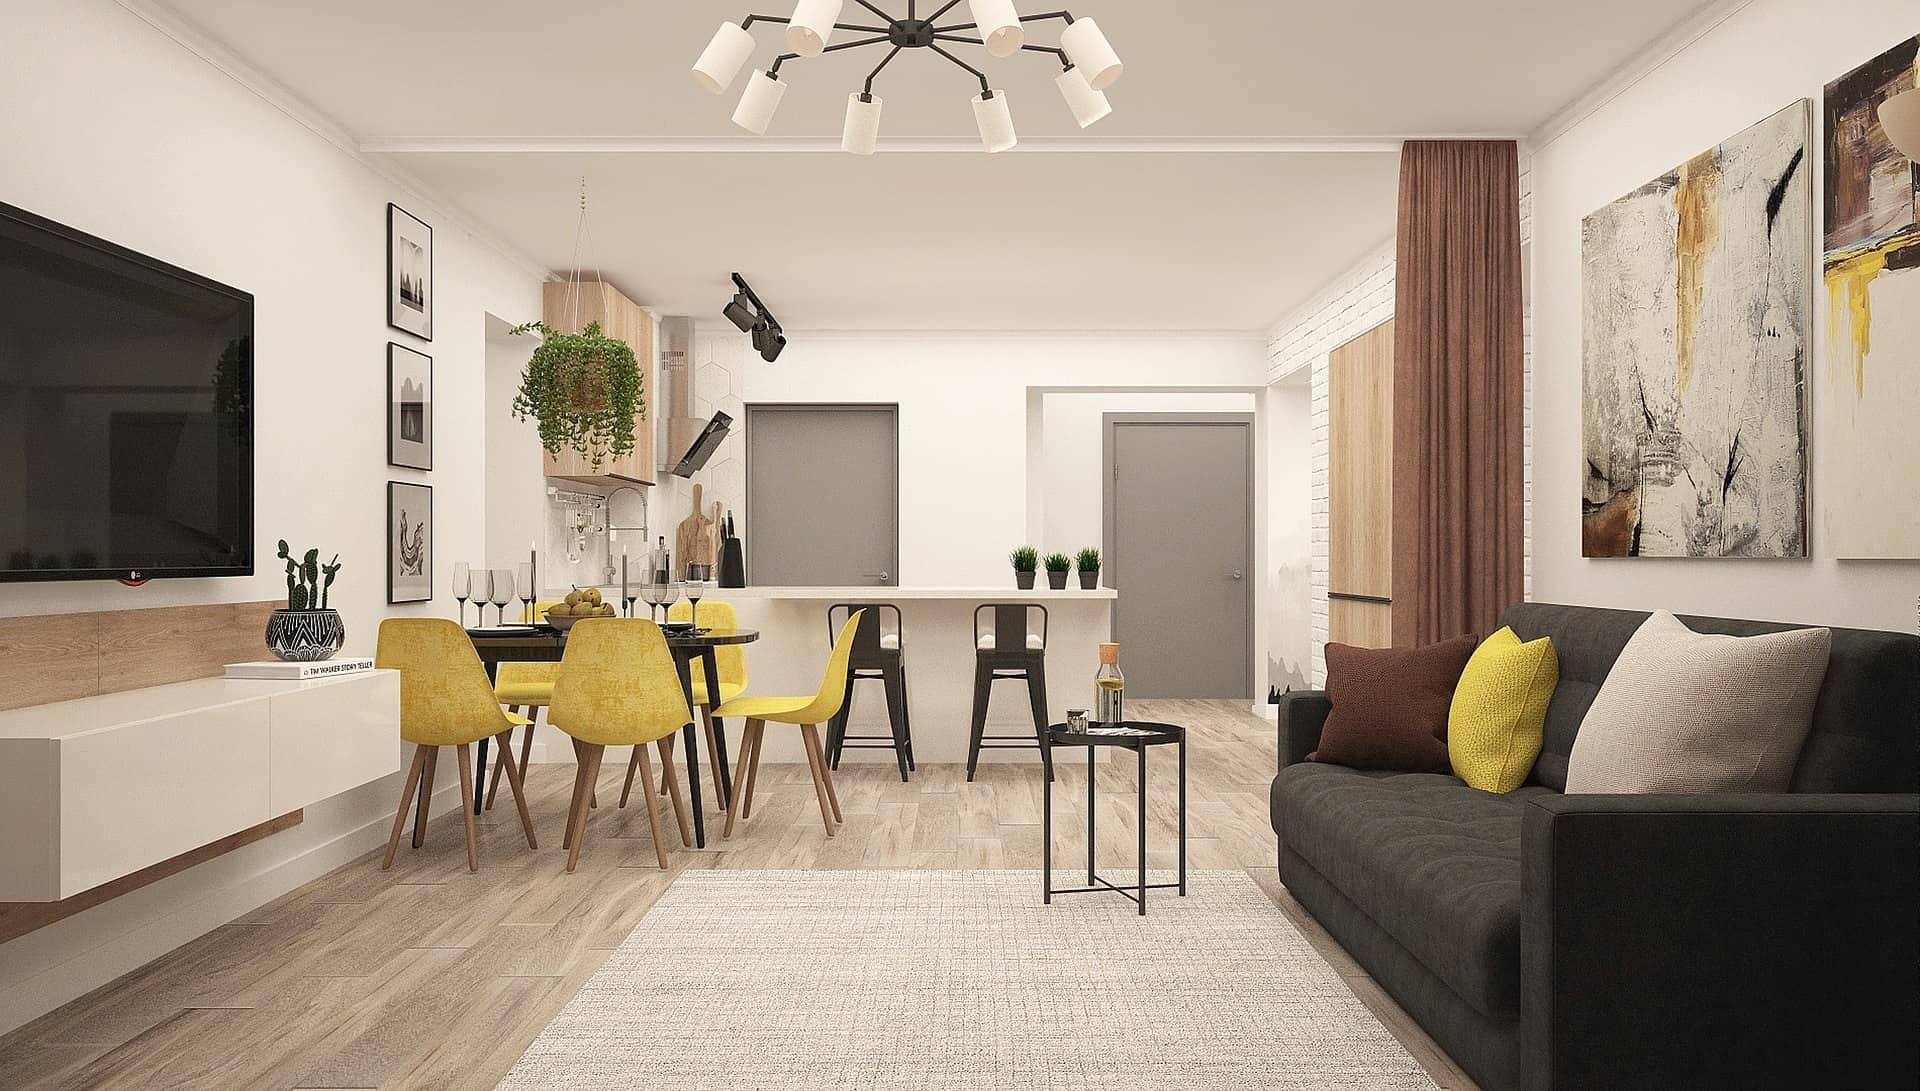 Idee separazione cucina soggiorno, dal soffitto colorato alle tende, le. Idee Per Dividere Cucina E Soggiorno Immobili Ovunque